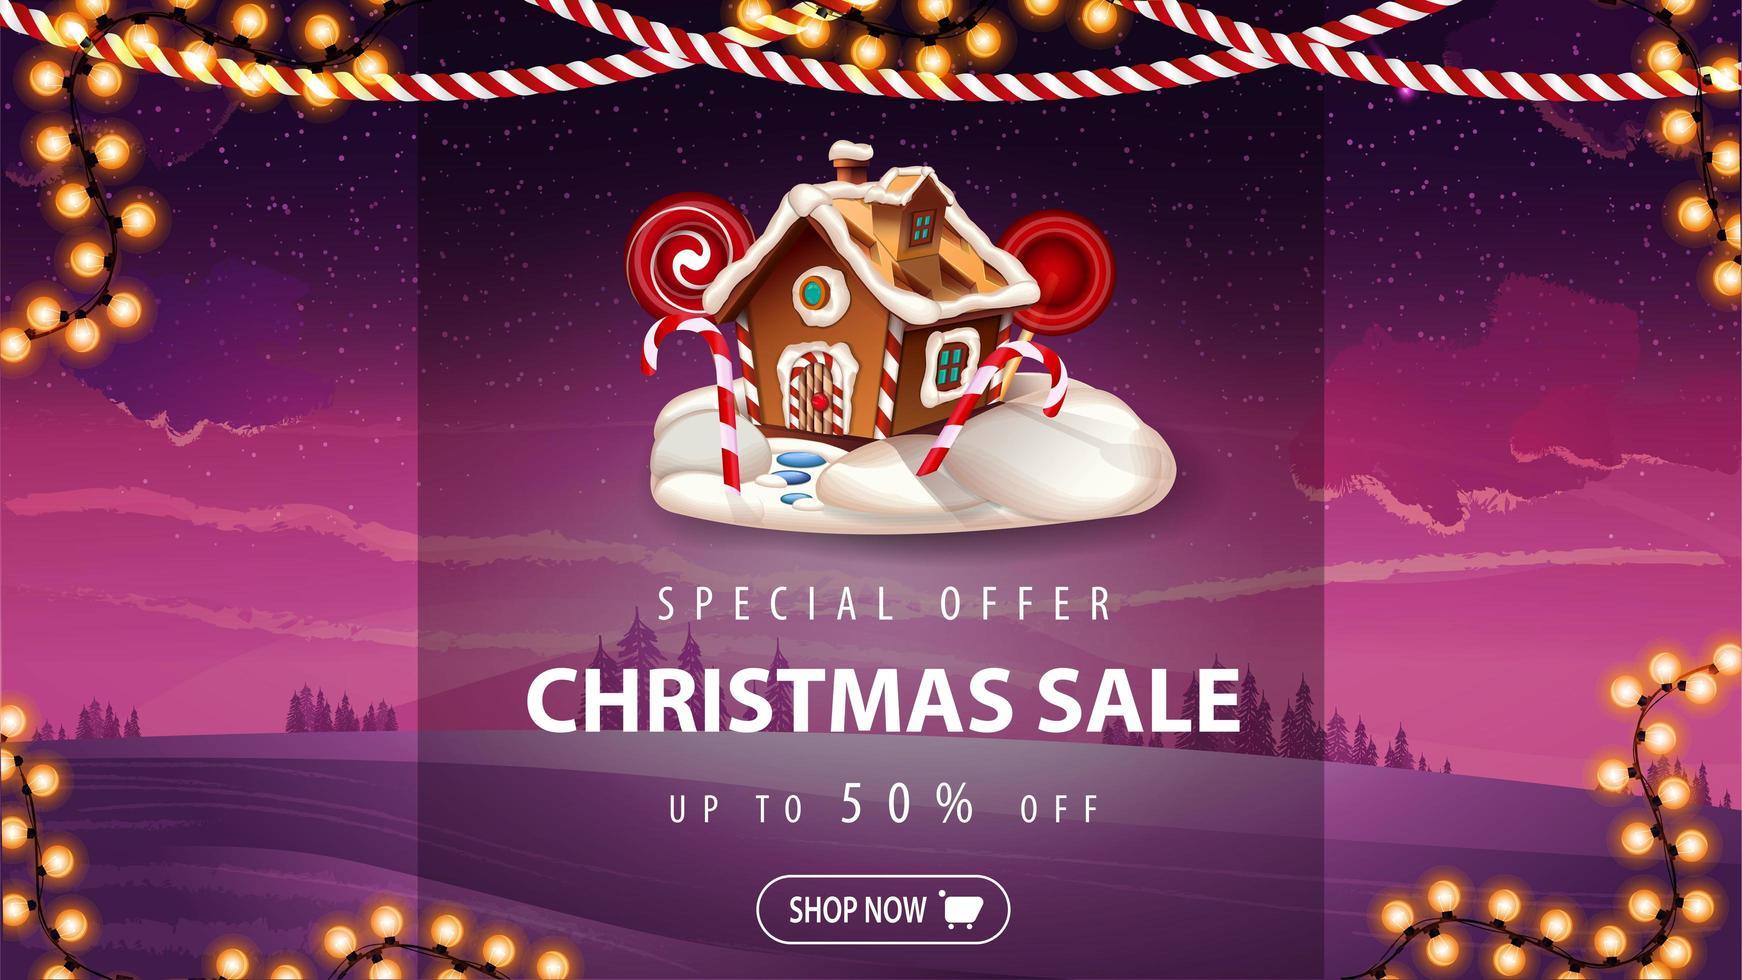 speciale aanbieding, kerstuitverkoop, tot 50 korting, mooie roze kortingsbanner met winterlandschap op achtergrond, slingers en kerst peperkoek huis vector